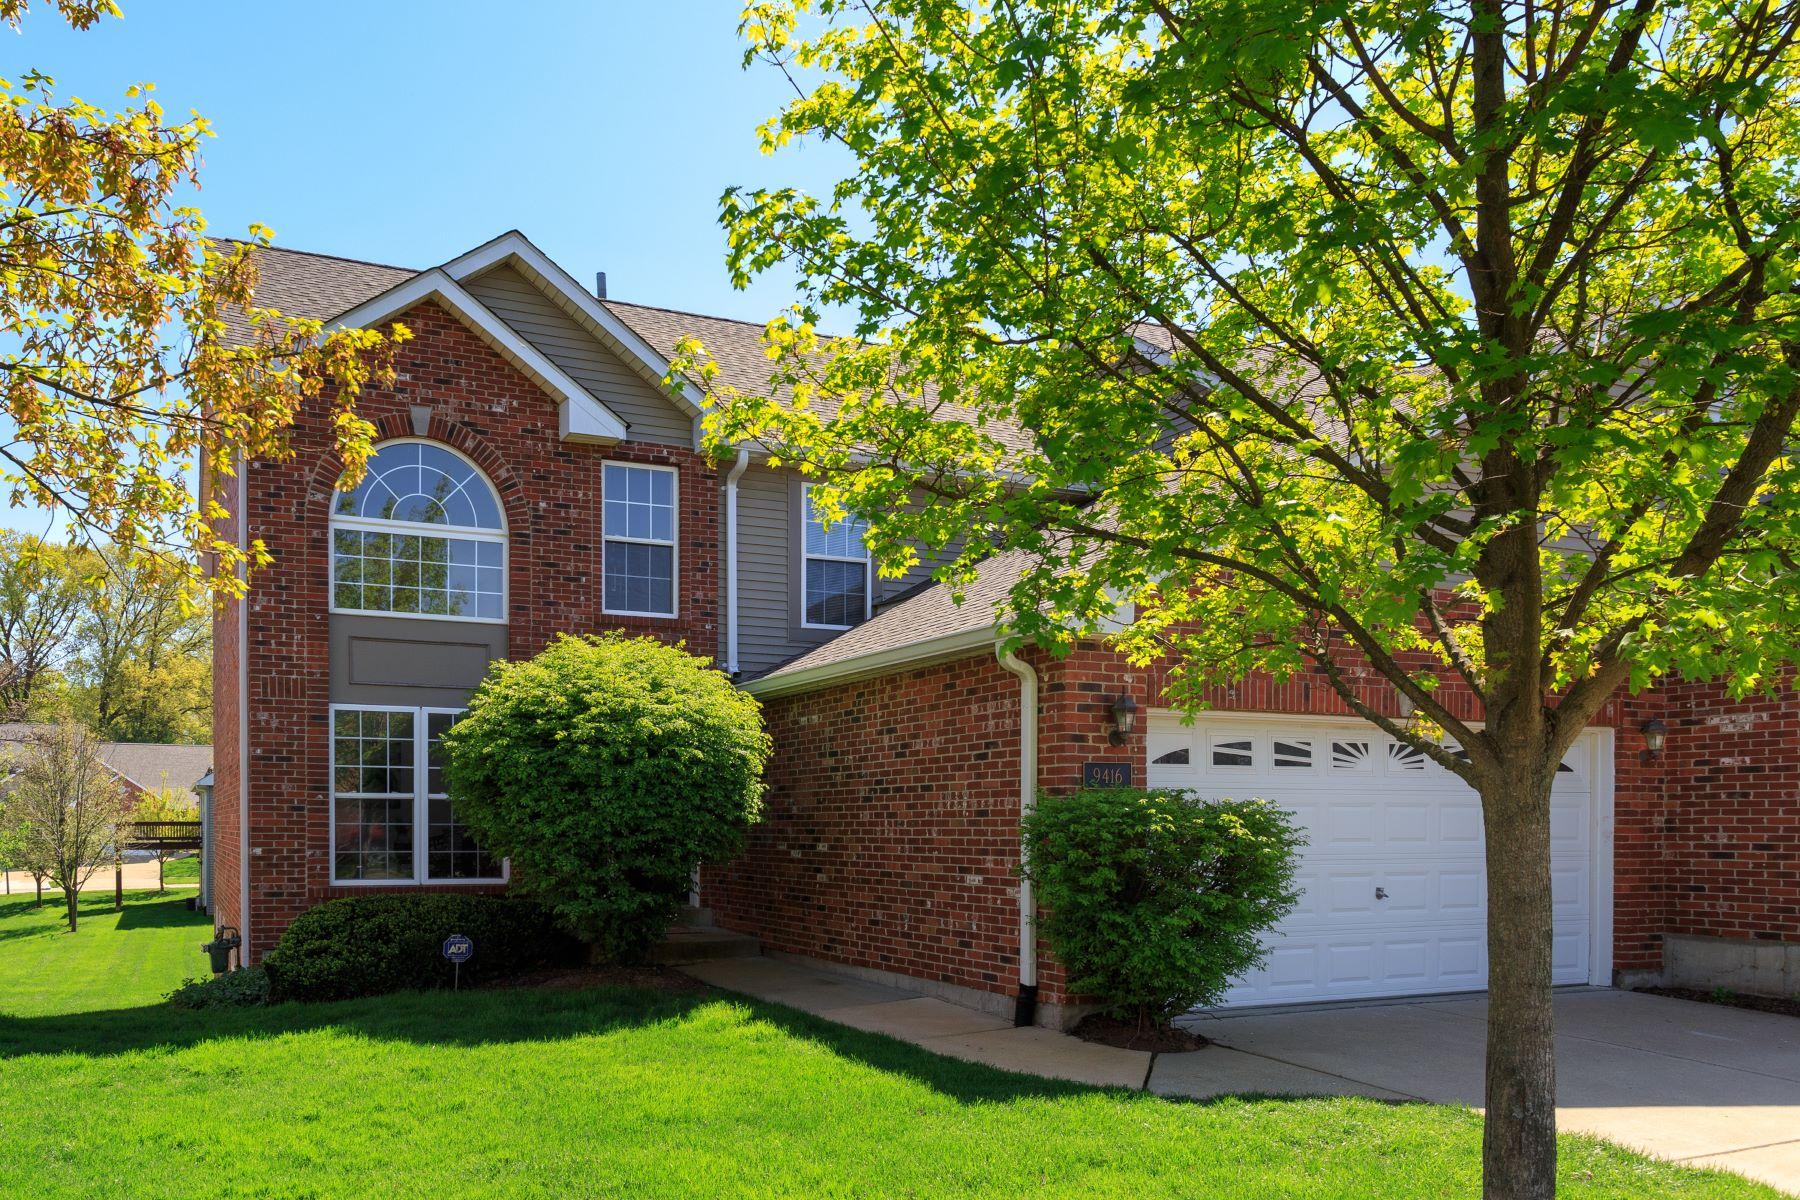 Частный односемейный дом для того Продажа на 9416 Natalie Circle Olivette, Миссури 63132 Соединенные Штаты